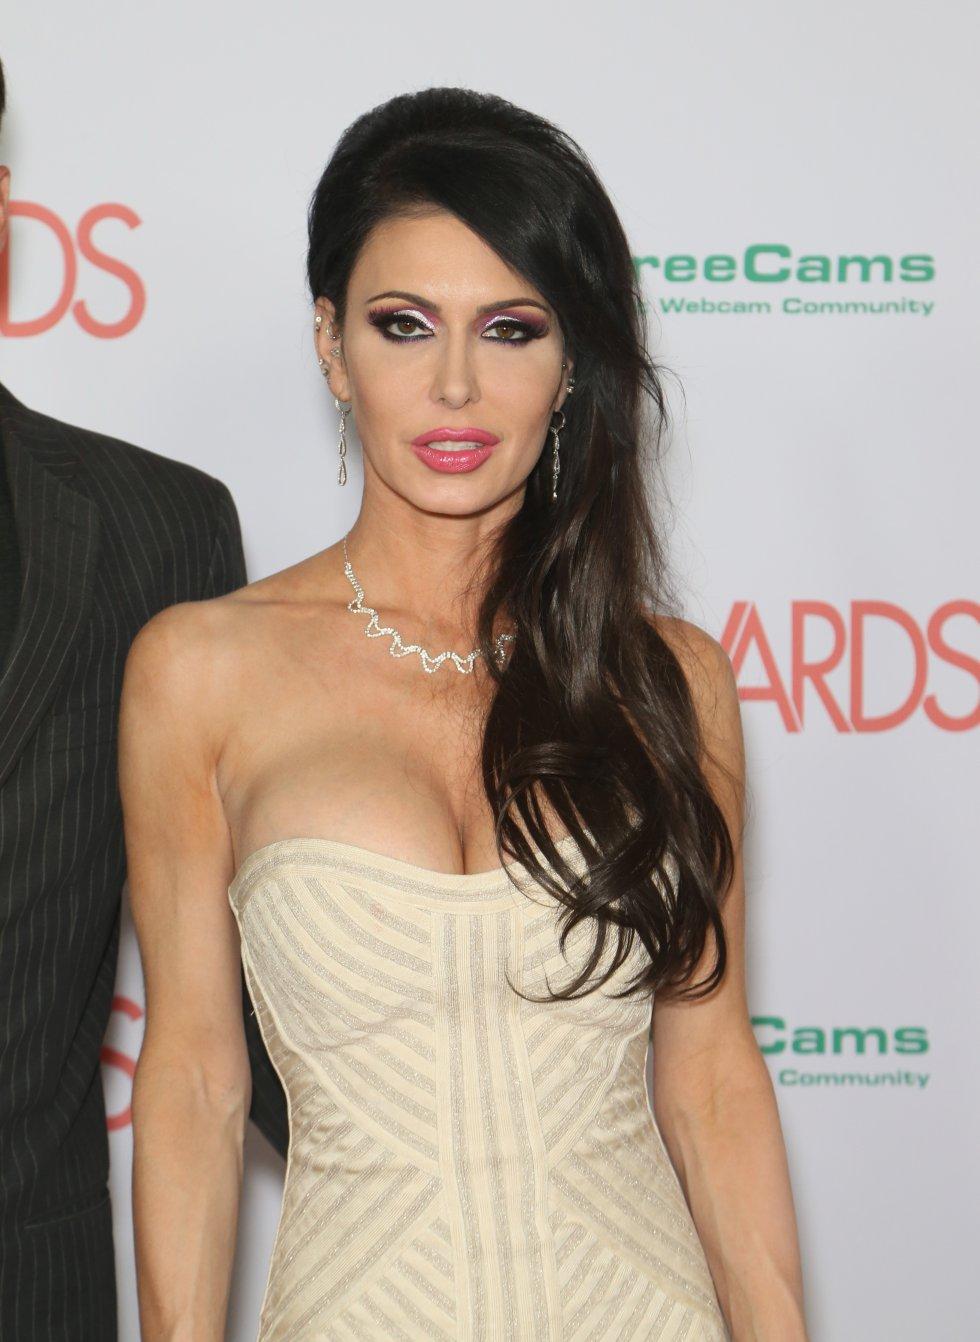 Actriz porno Jessica Jaymes murió a causa de una convulsión, según informó la oficina forense del condado de Los Ángeles, asegurando que la chica de 43 años falleció de manera natural.